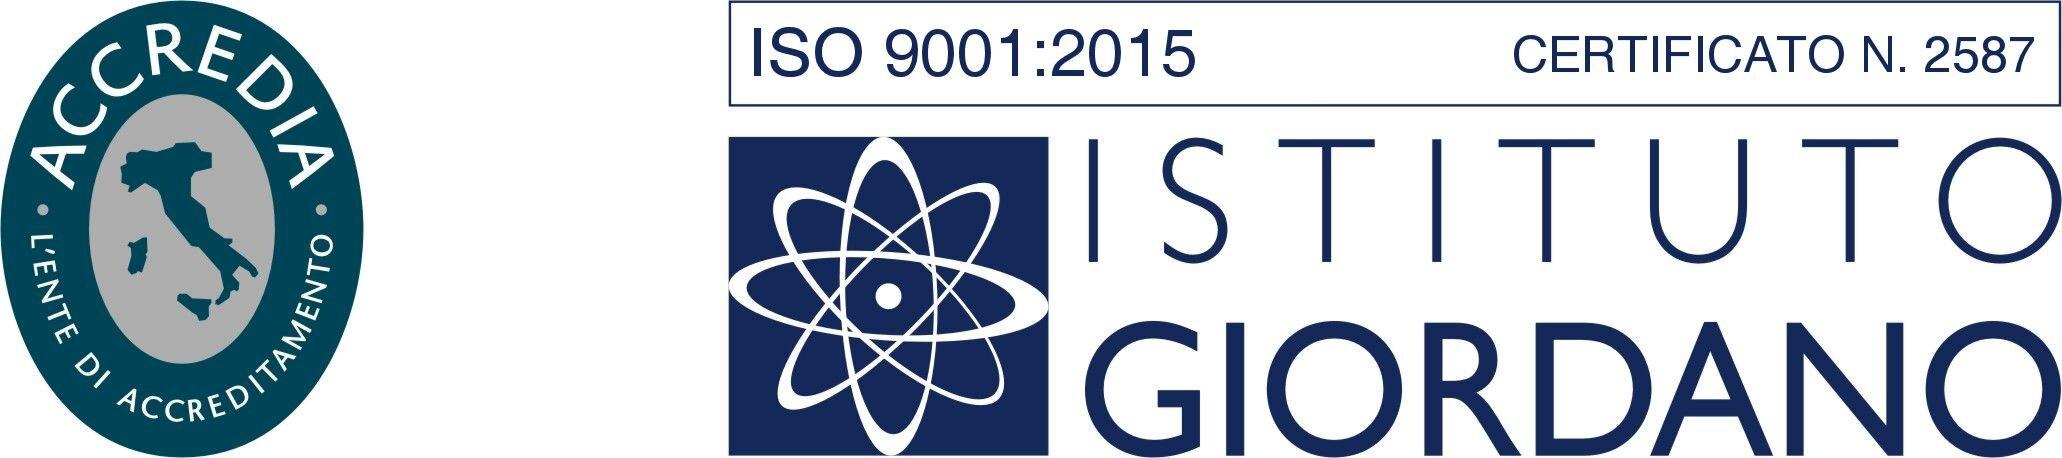 Preformati Italia è una azienda certificata ISO9001:2008 // Preformati Italia is a company certified for ISO9001:2008